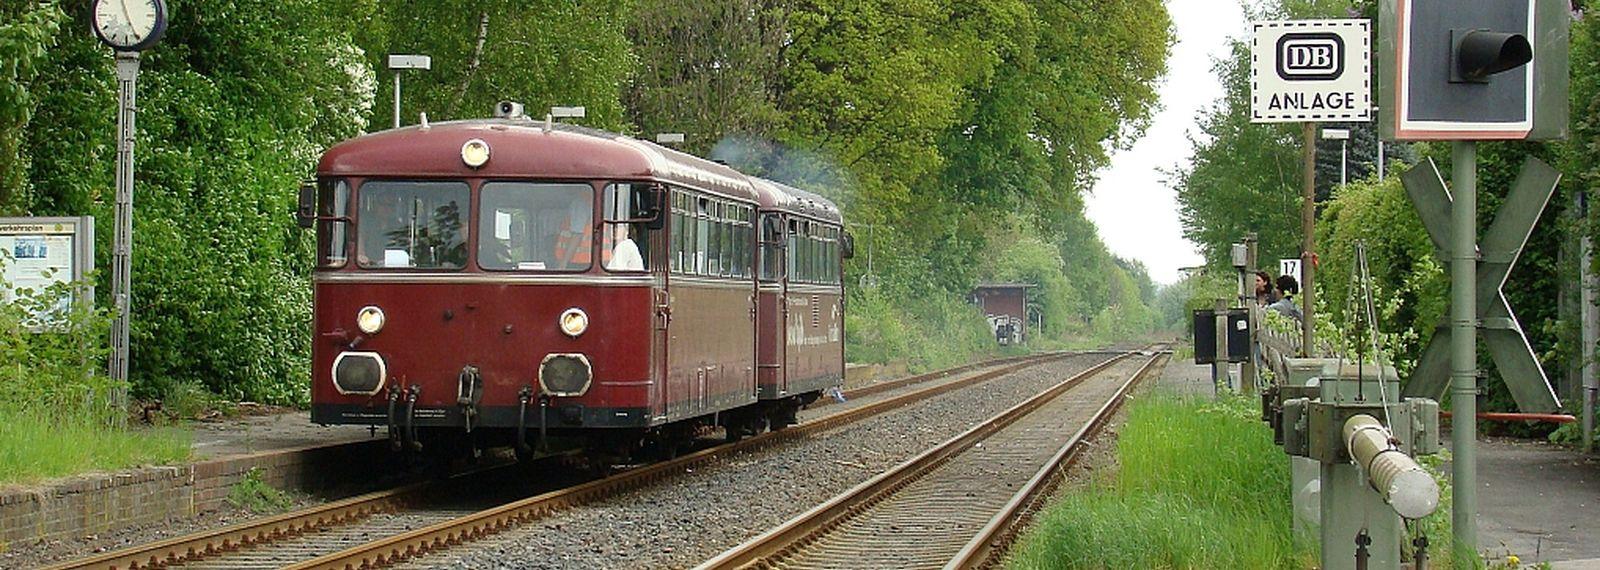 Bild der RuhrtalBahn